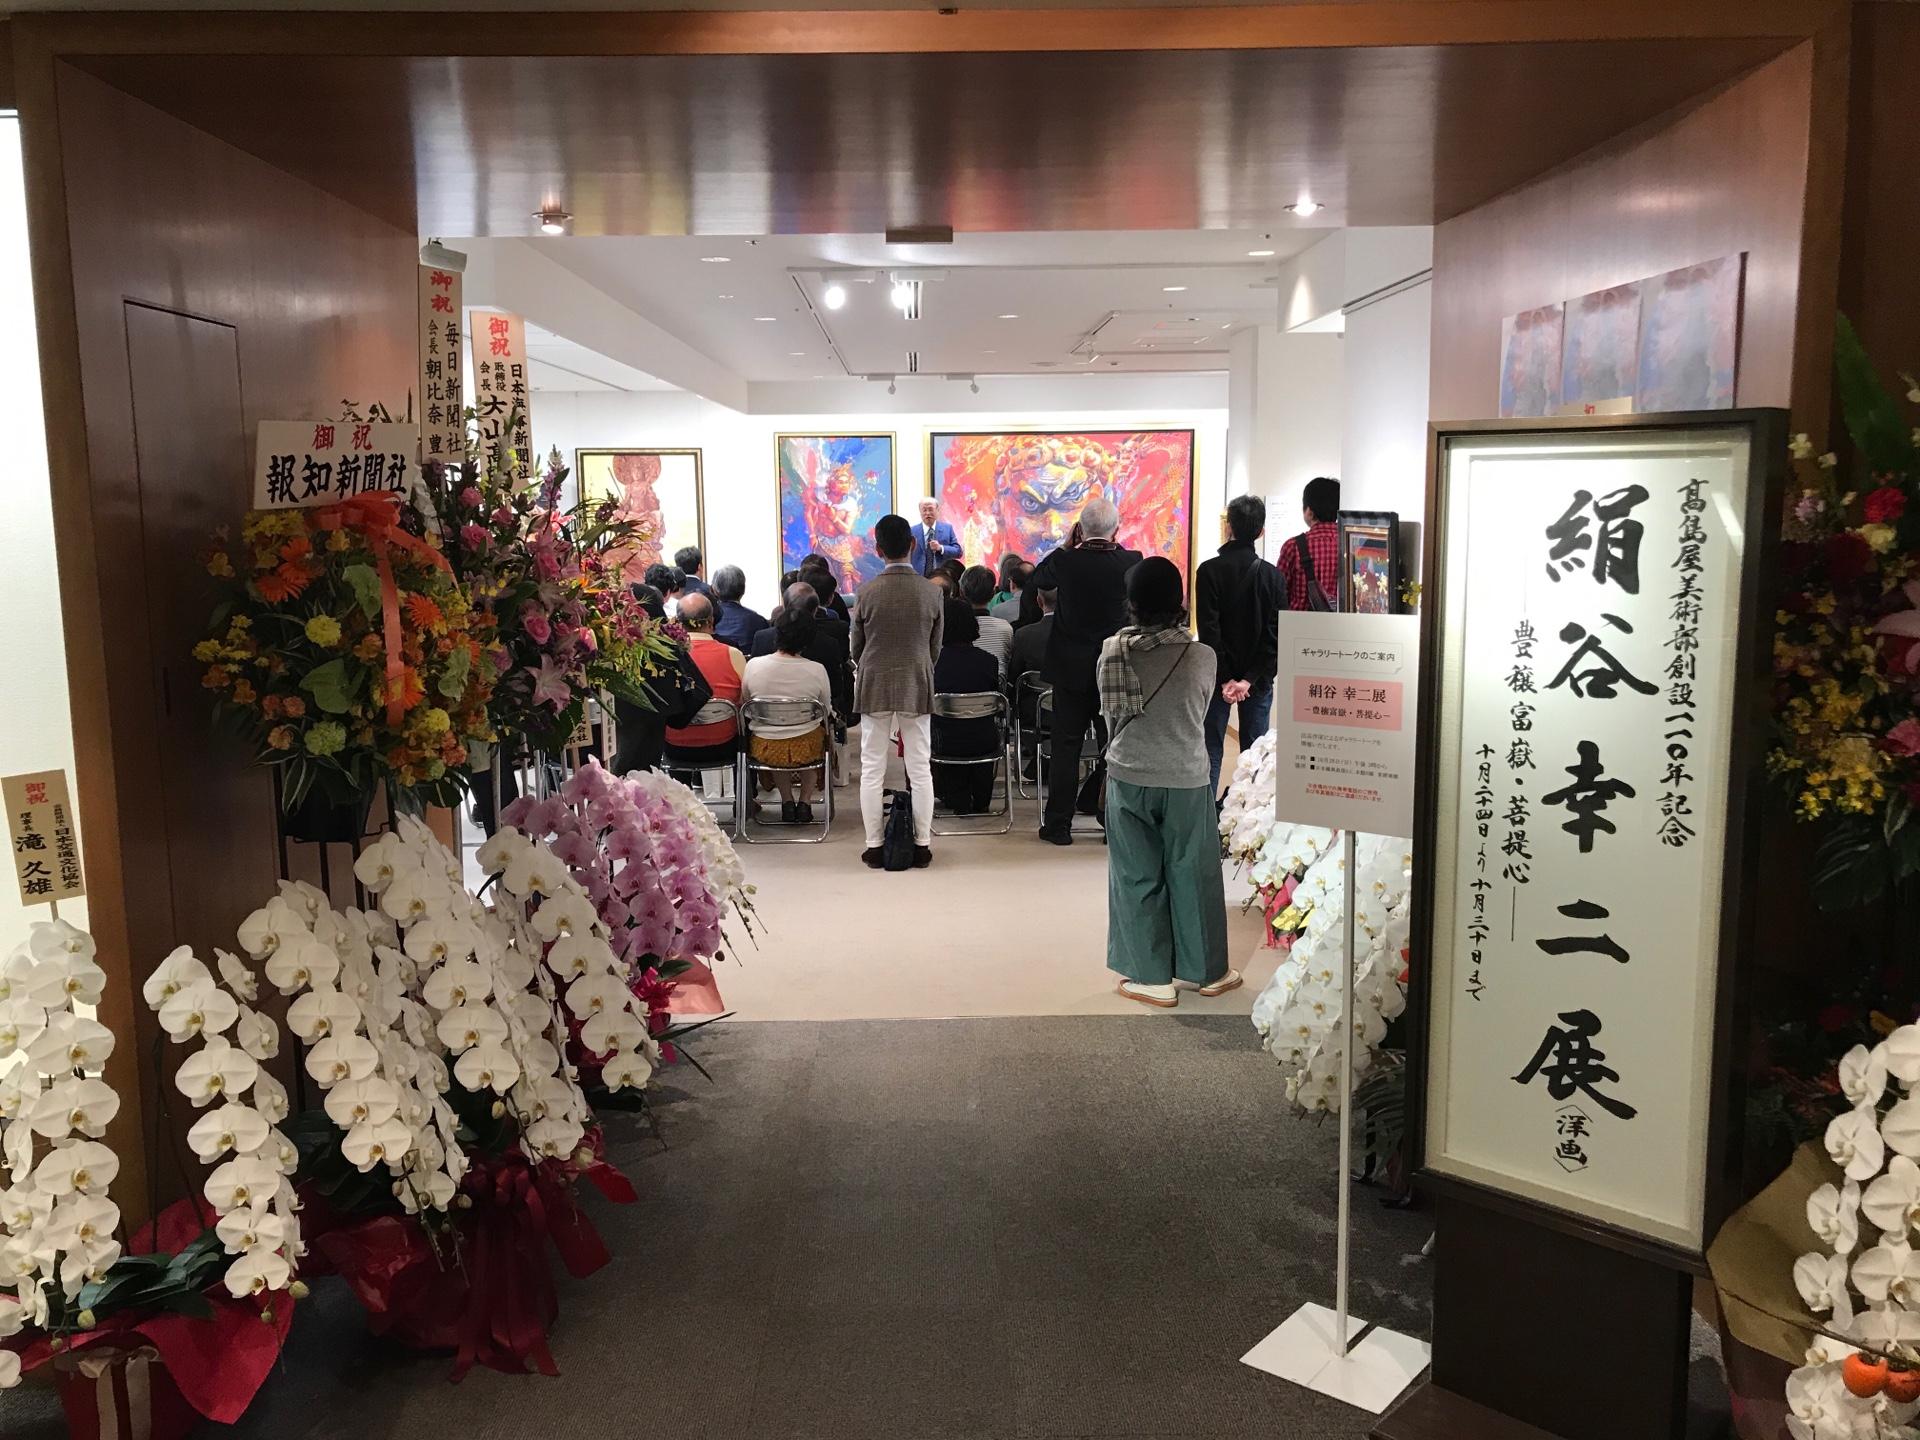 http://kinutani.jp/news/about/20181020d.jpg